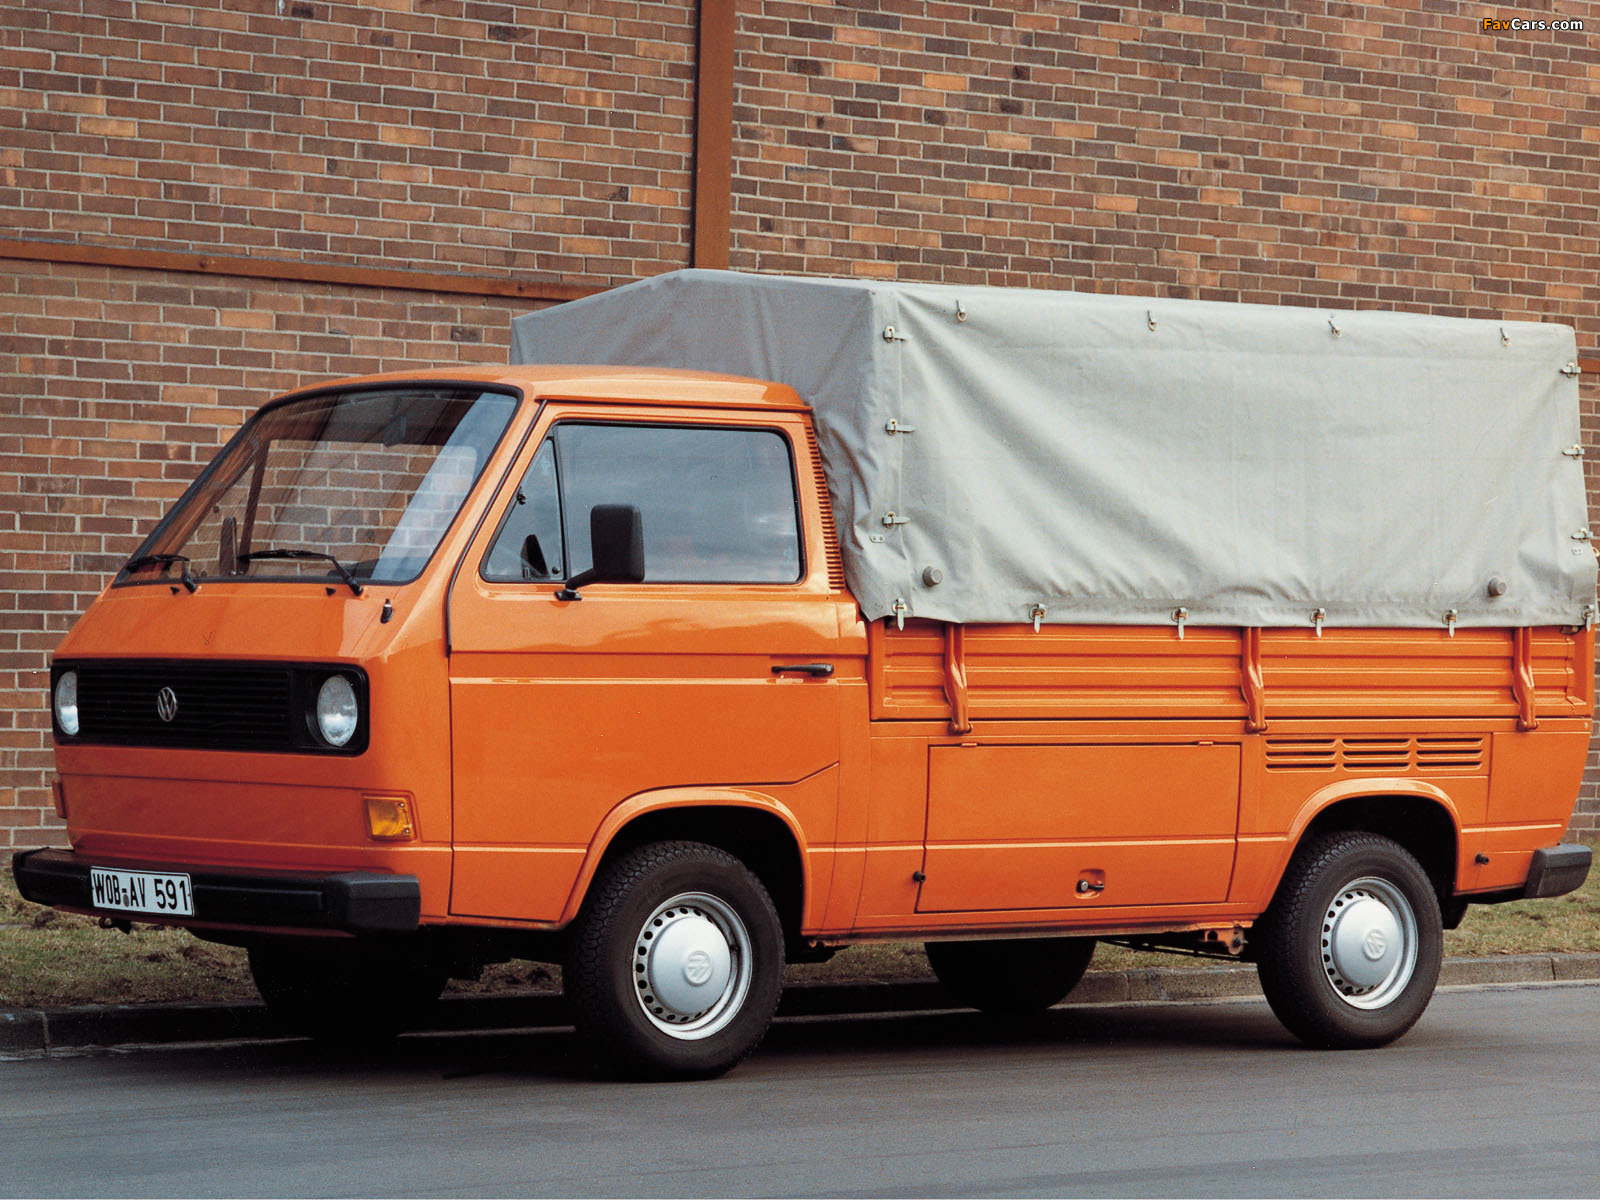 volkswagen t3 transporter pickup 1979 82 photos 1600x1200. Black Bedroom Furniture Sets. Home Design Ideas